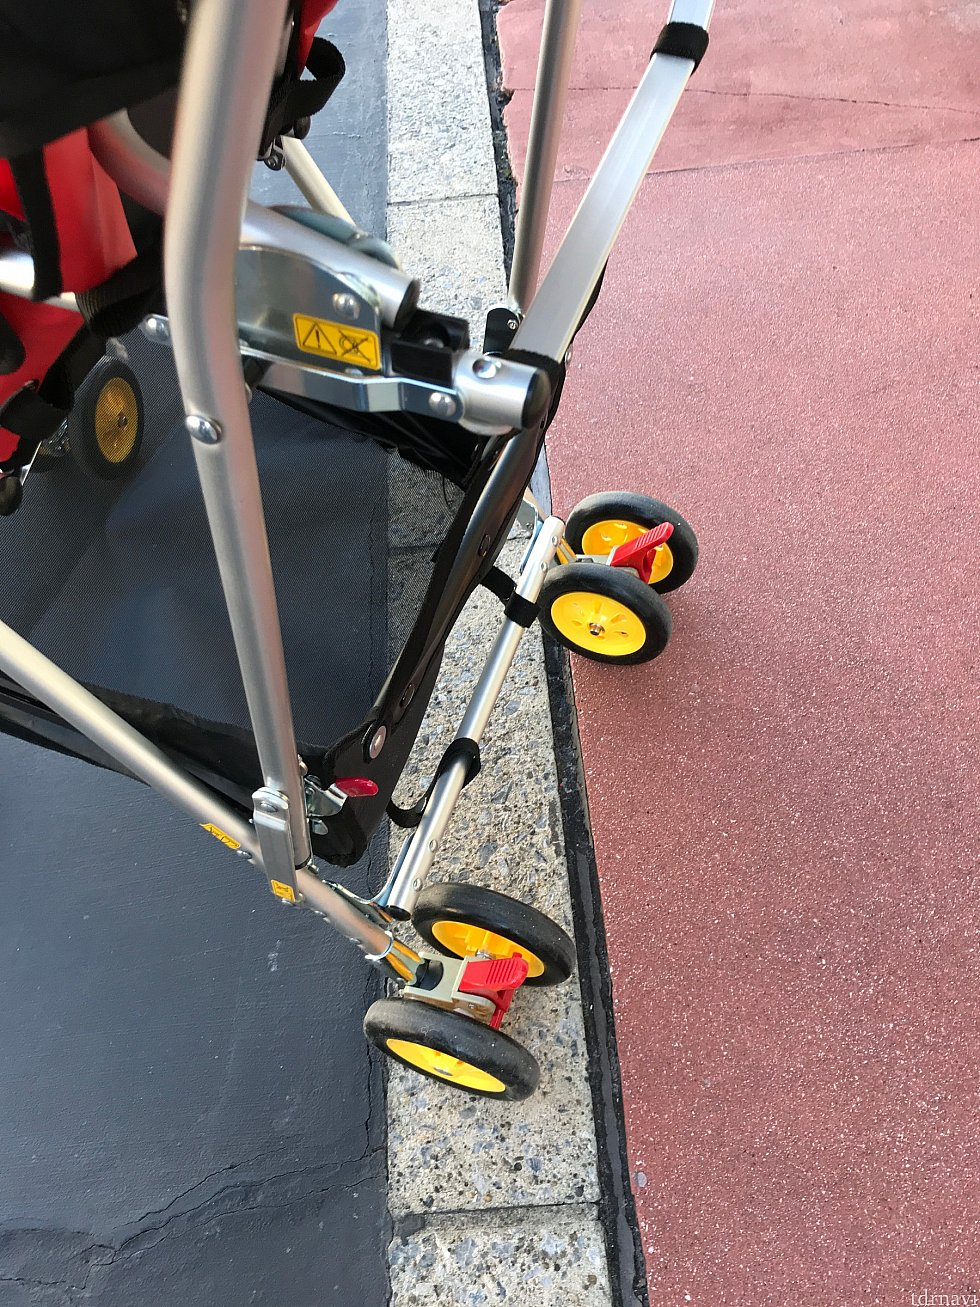 後部車輪の上(荷物入れの横)のレバーを押すと折りたたむことができます。